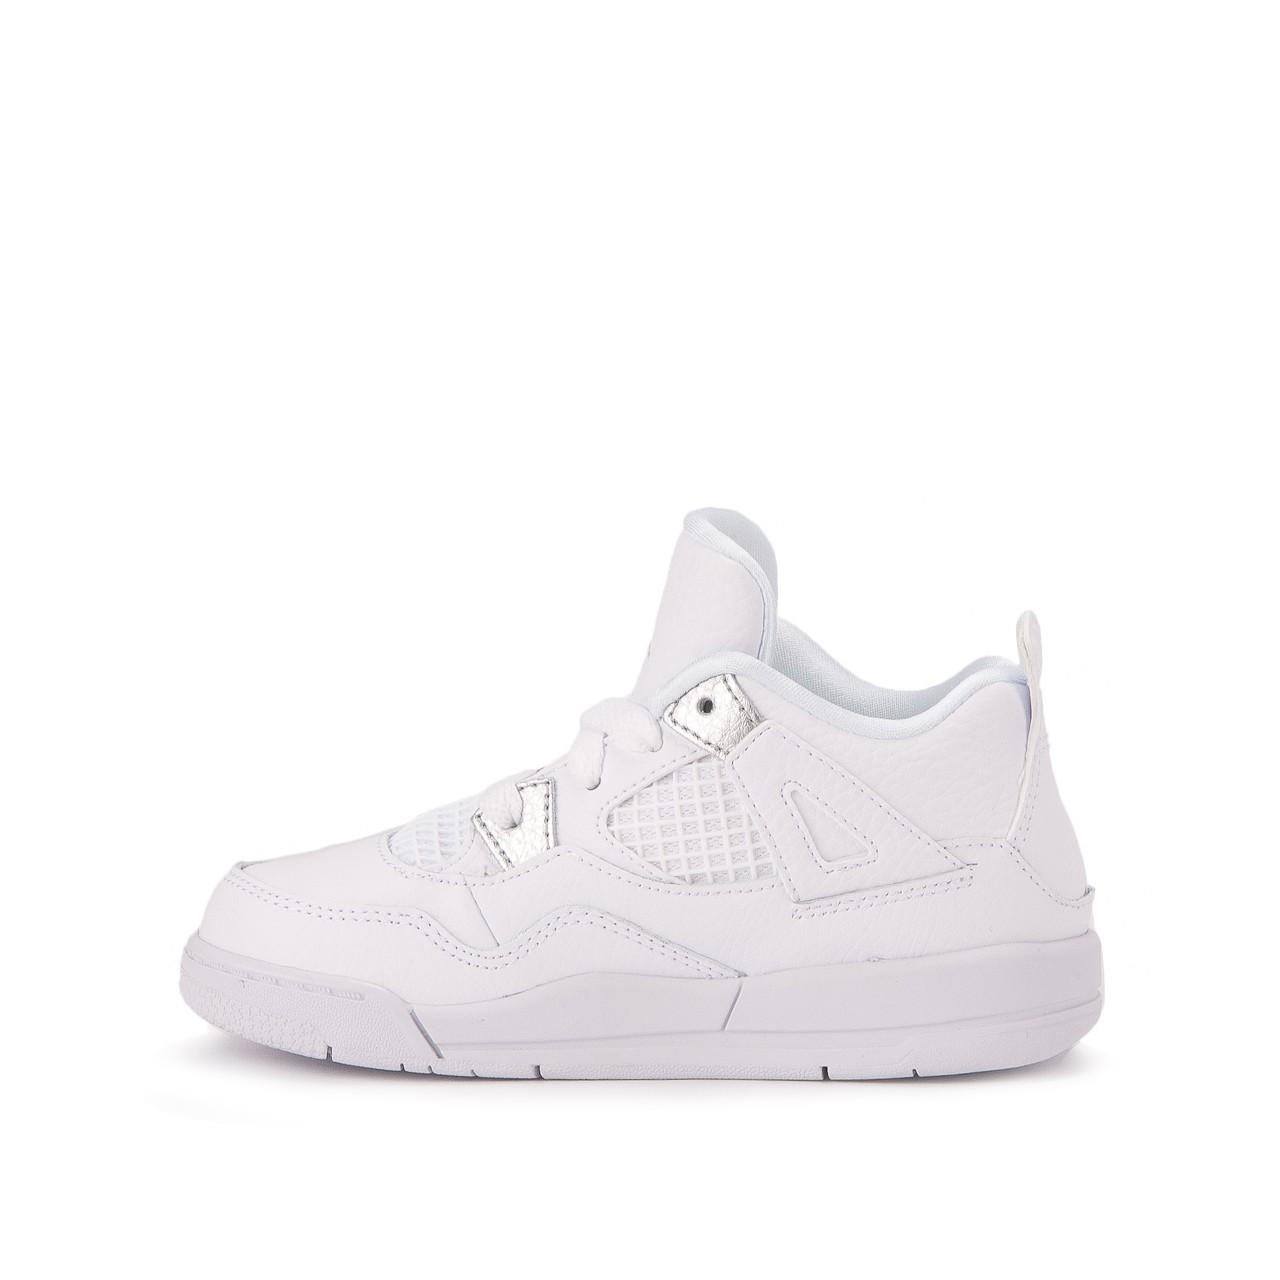 chaussures de séparation 7736a 07f1f Basket Nike Air Jordan 4 Retro TD Pure Money Bébé ...